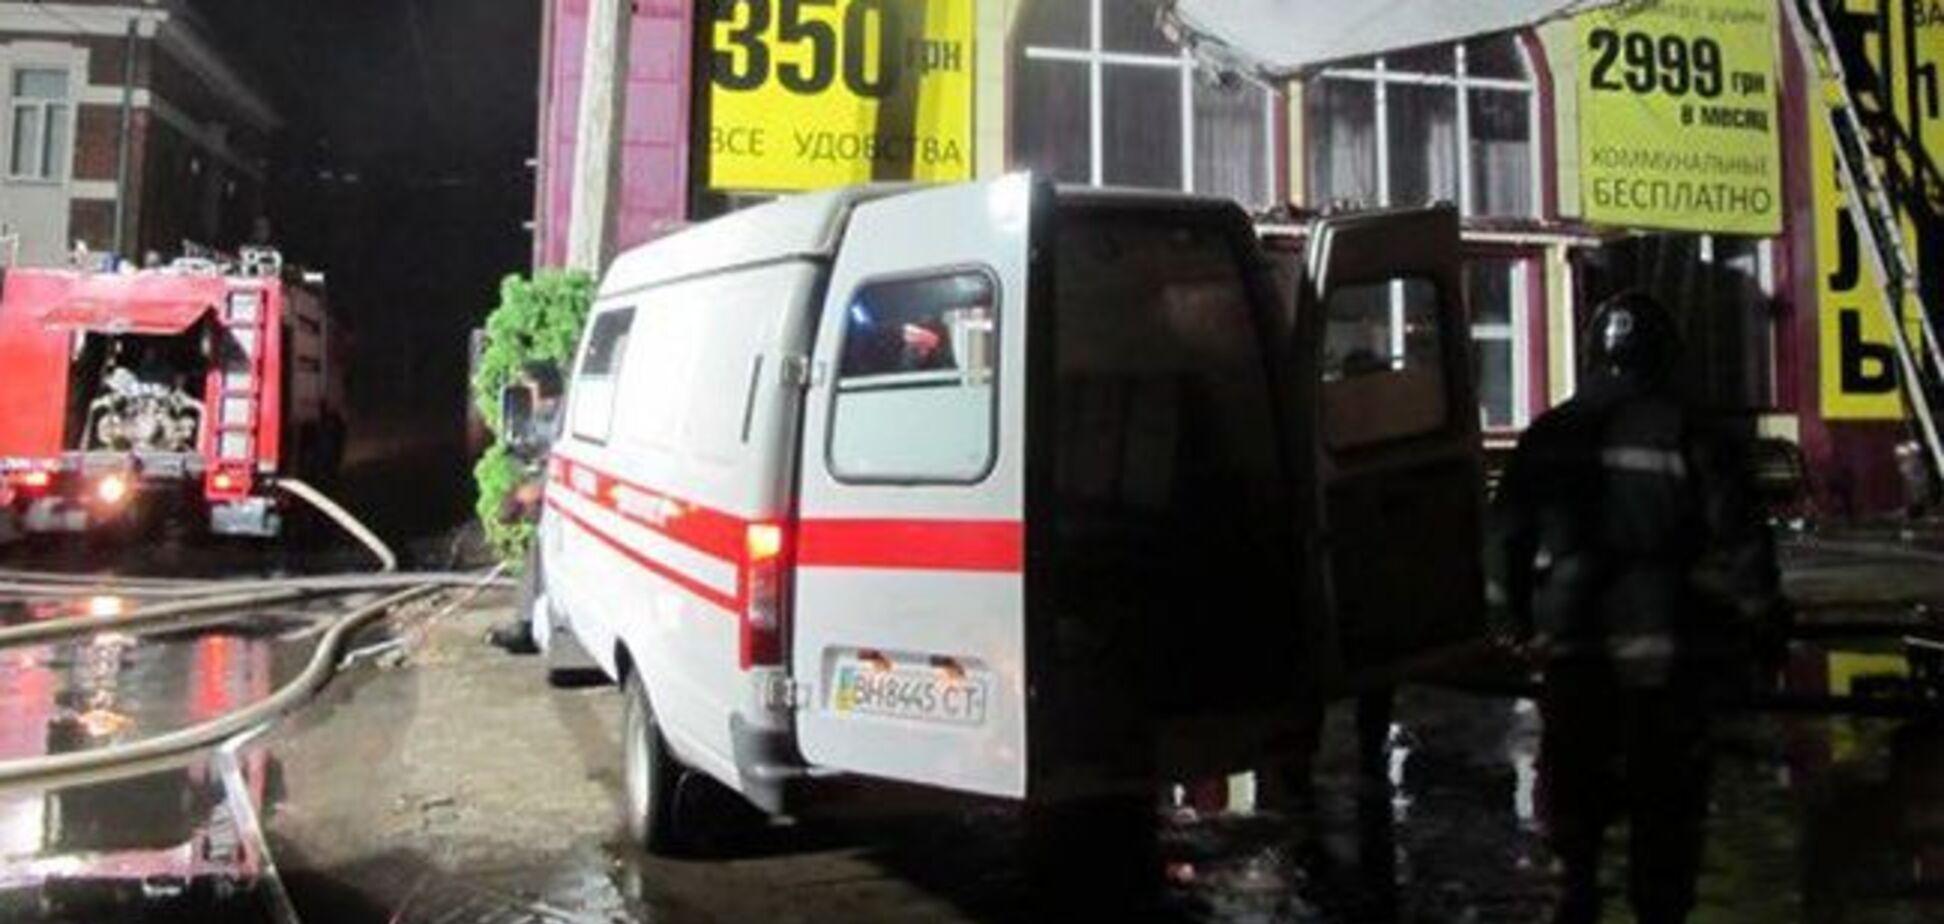 Пожежа в Одесі: шок, просто шок